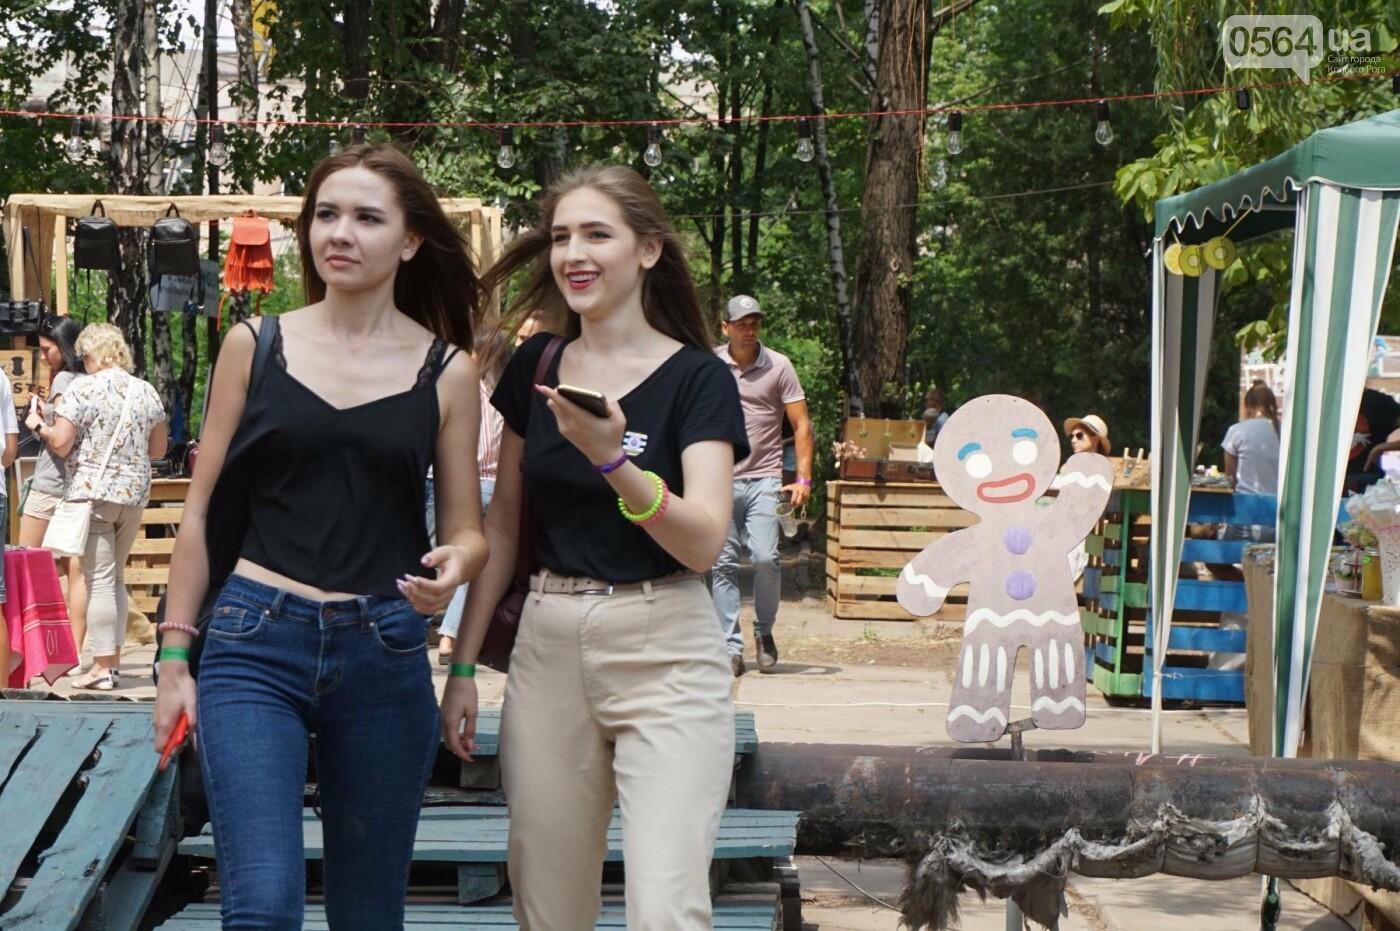 """Криворожане культурно отдыхают на фестивале искусства и еды """"Артишок"""", - ФОТО, ВИДЕО, фото-83"""